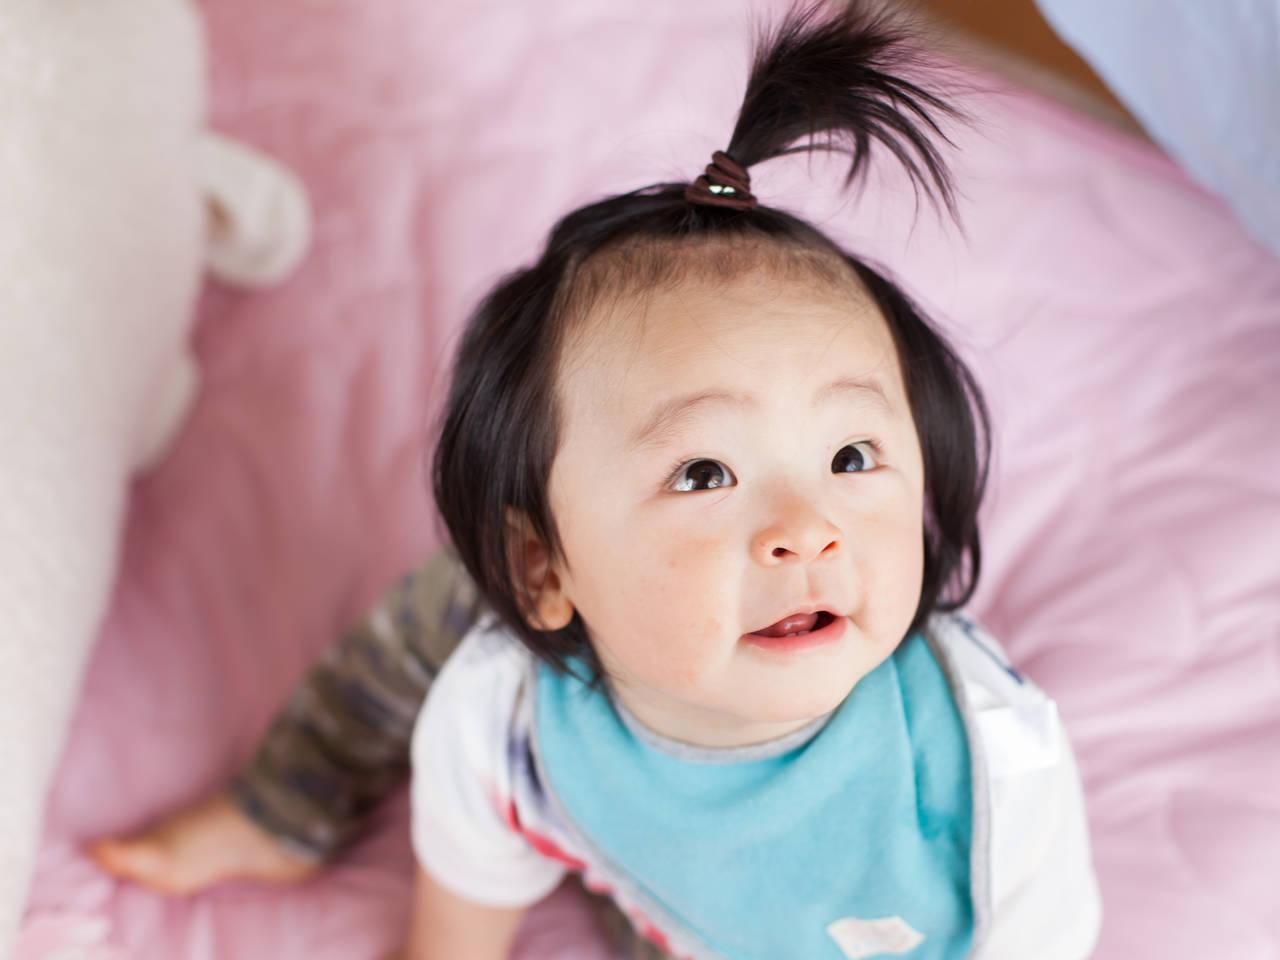 抜ける 赤ちゃん 髪の毛